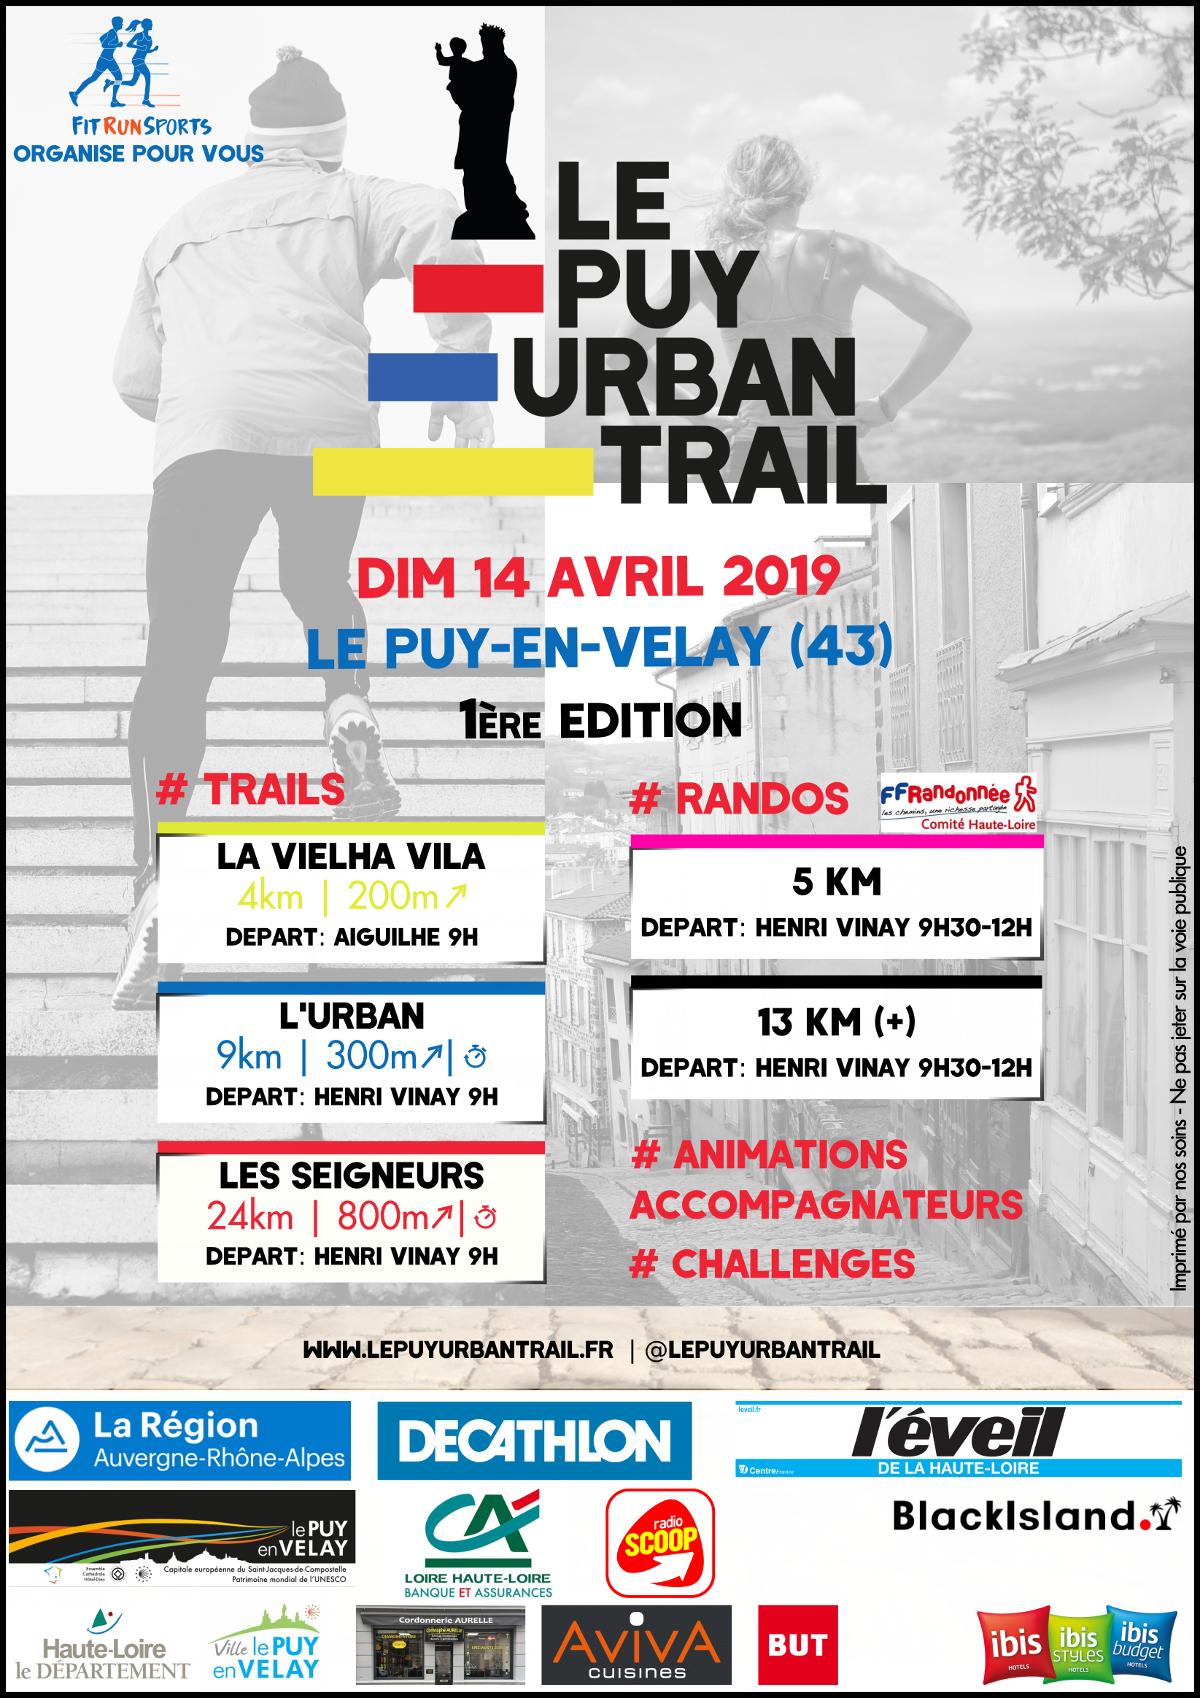 Le Puy Urban Trail 1ère édition